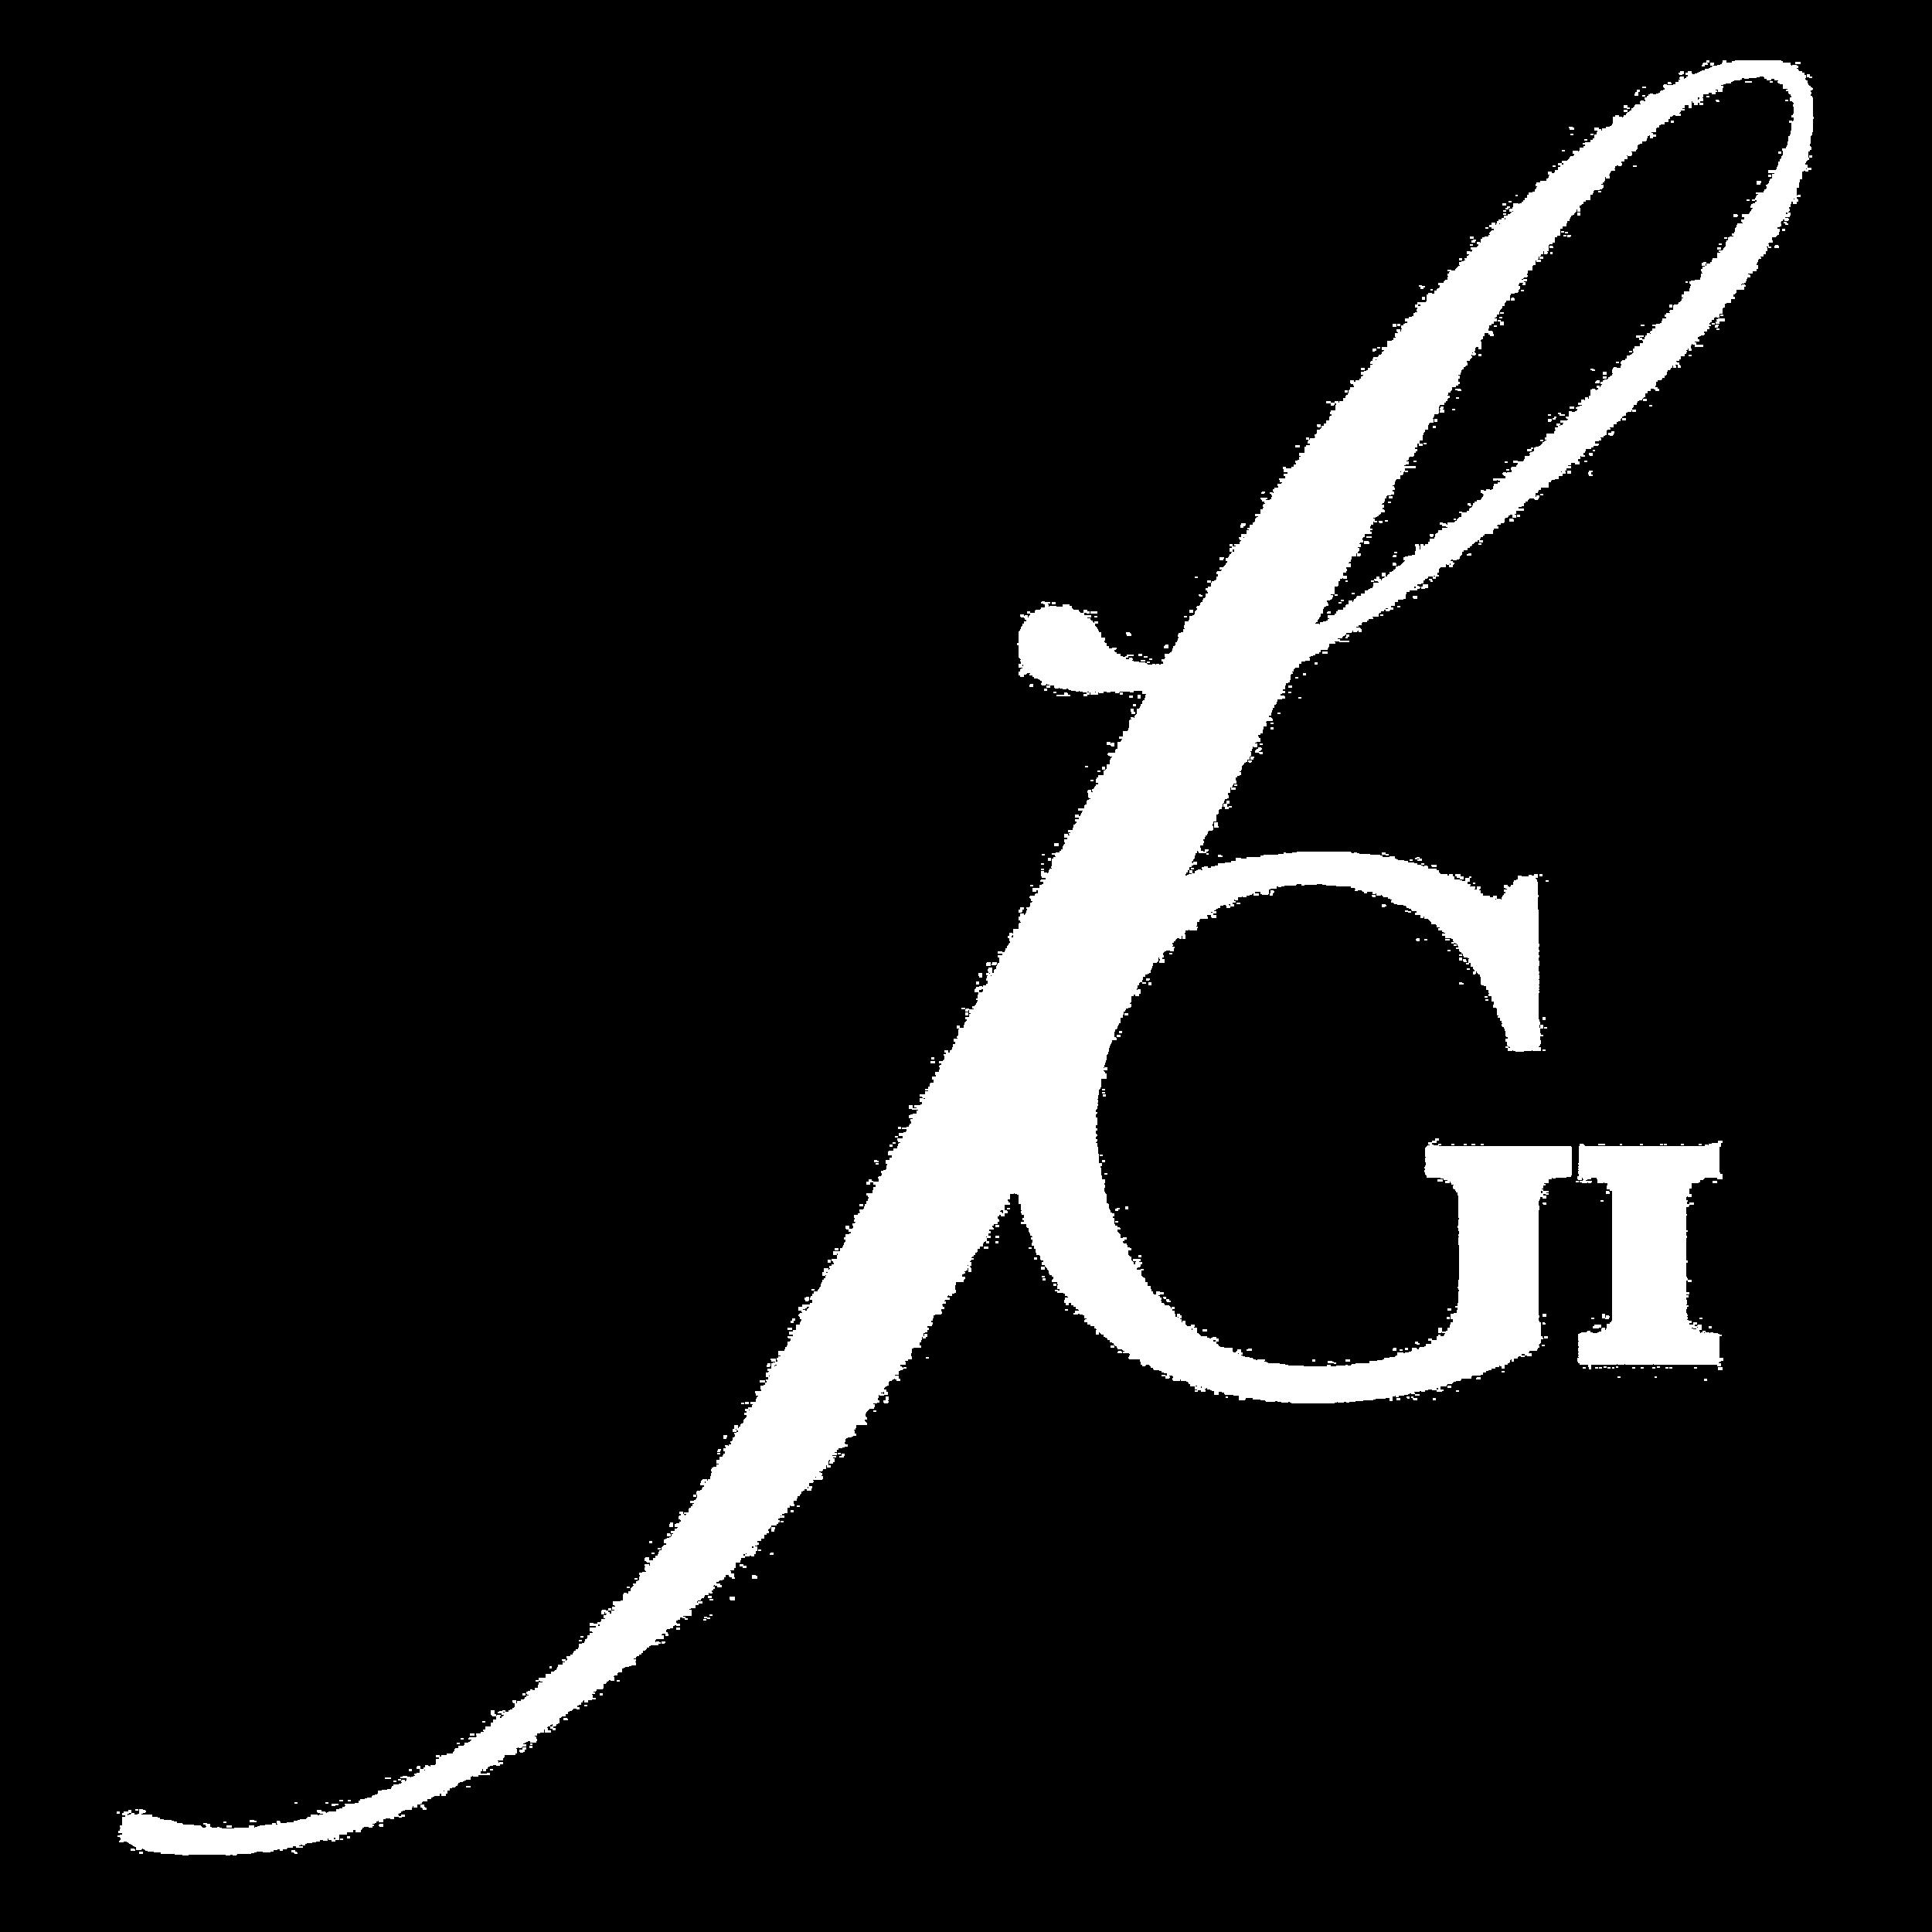 fgi logo.png